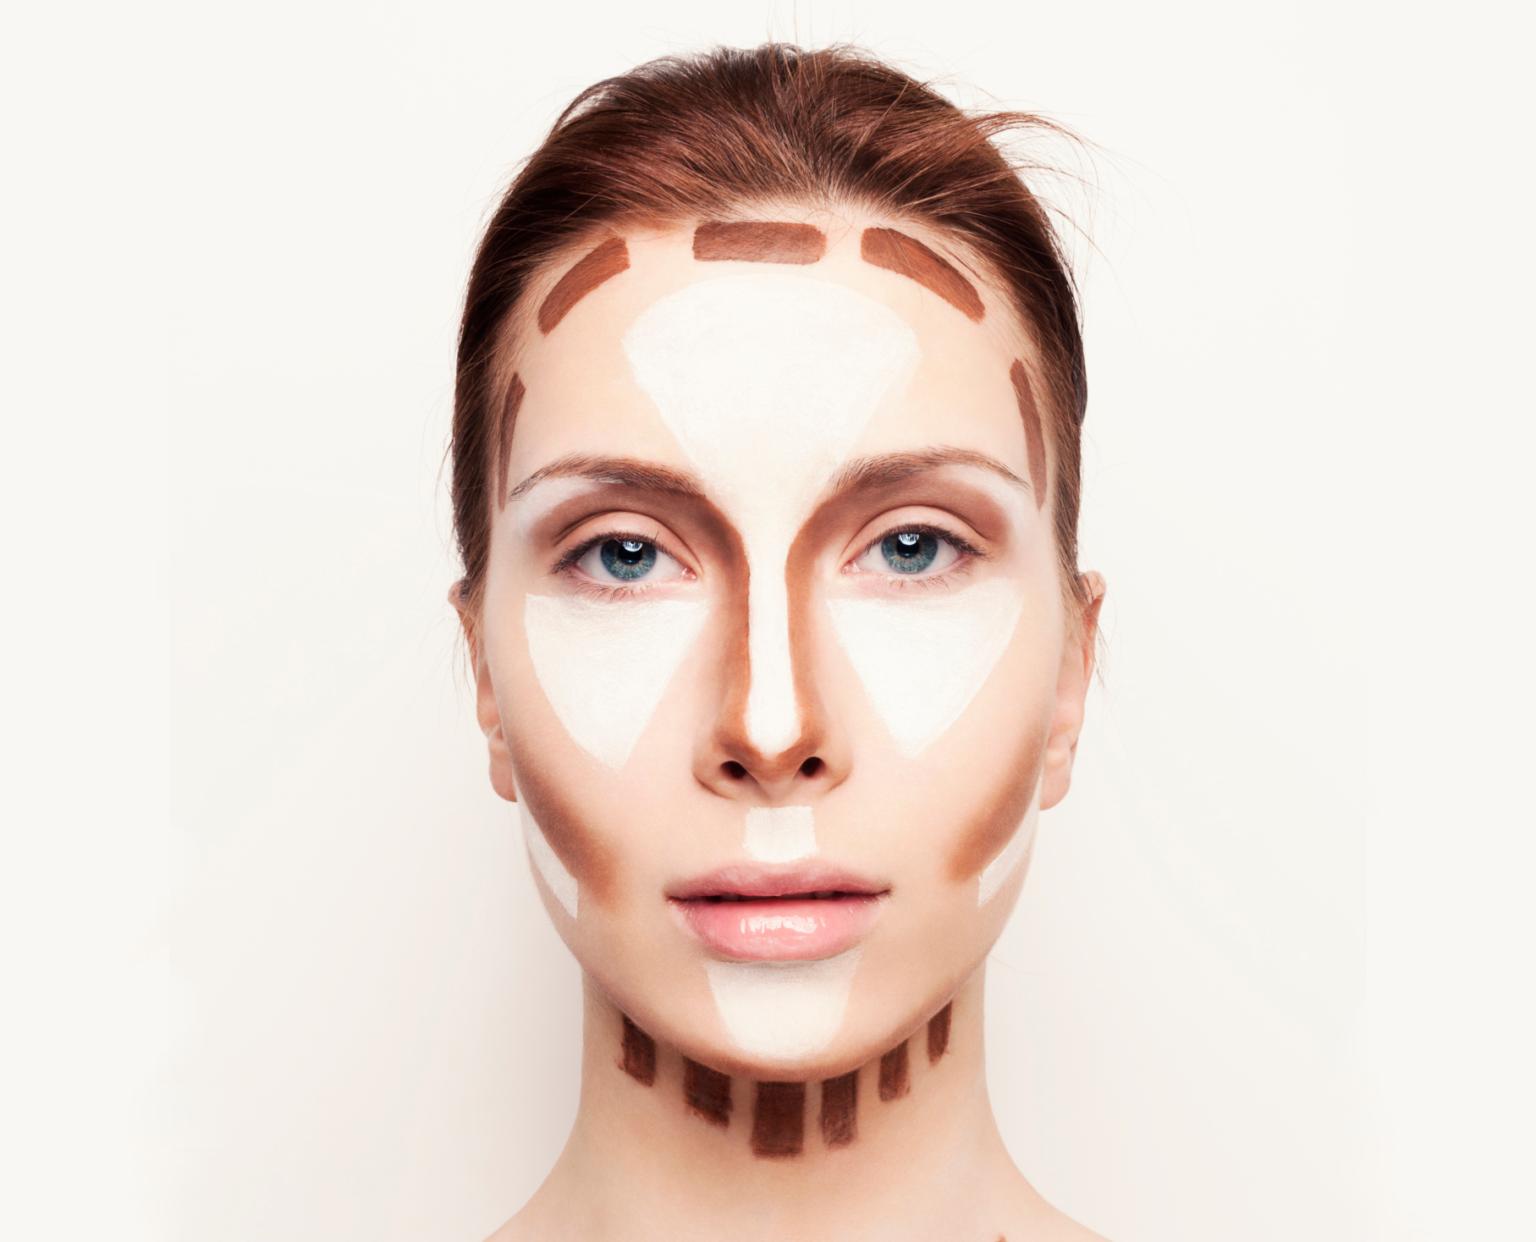 как уменьшить нос макияжем